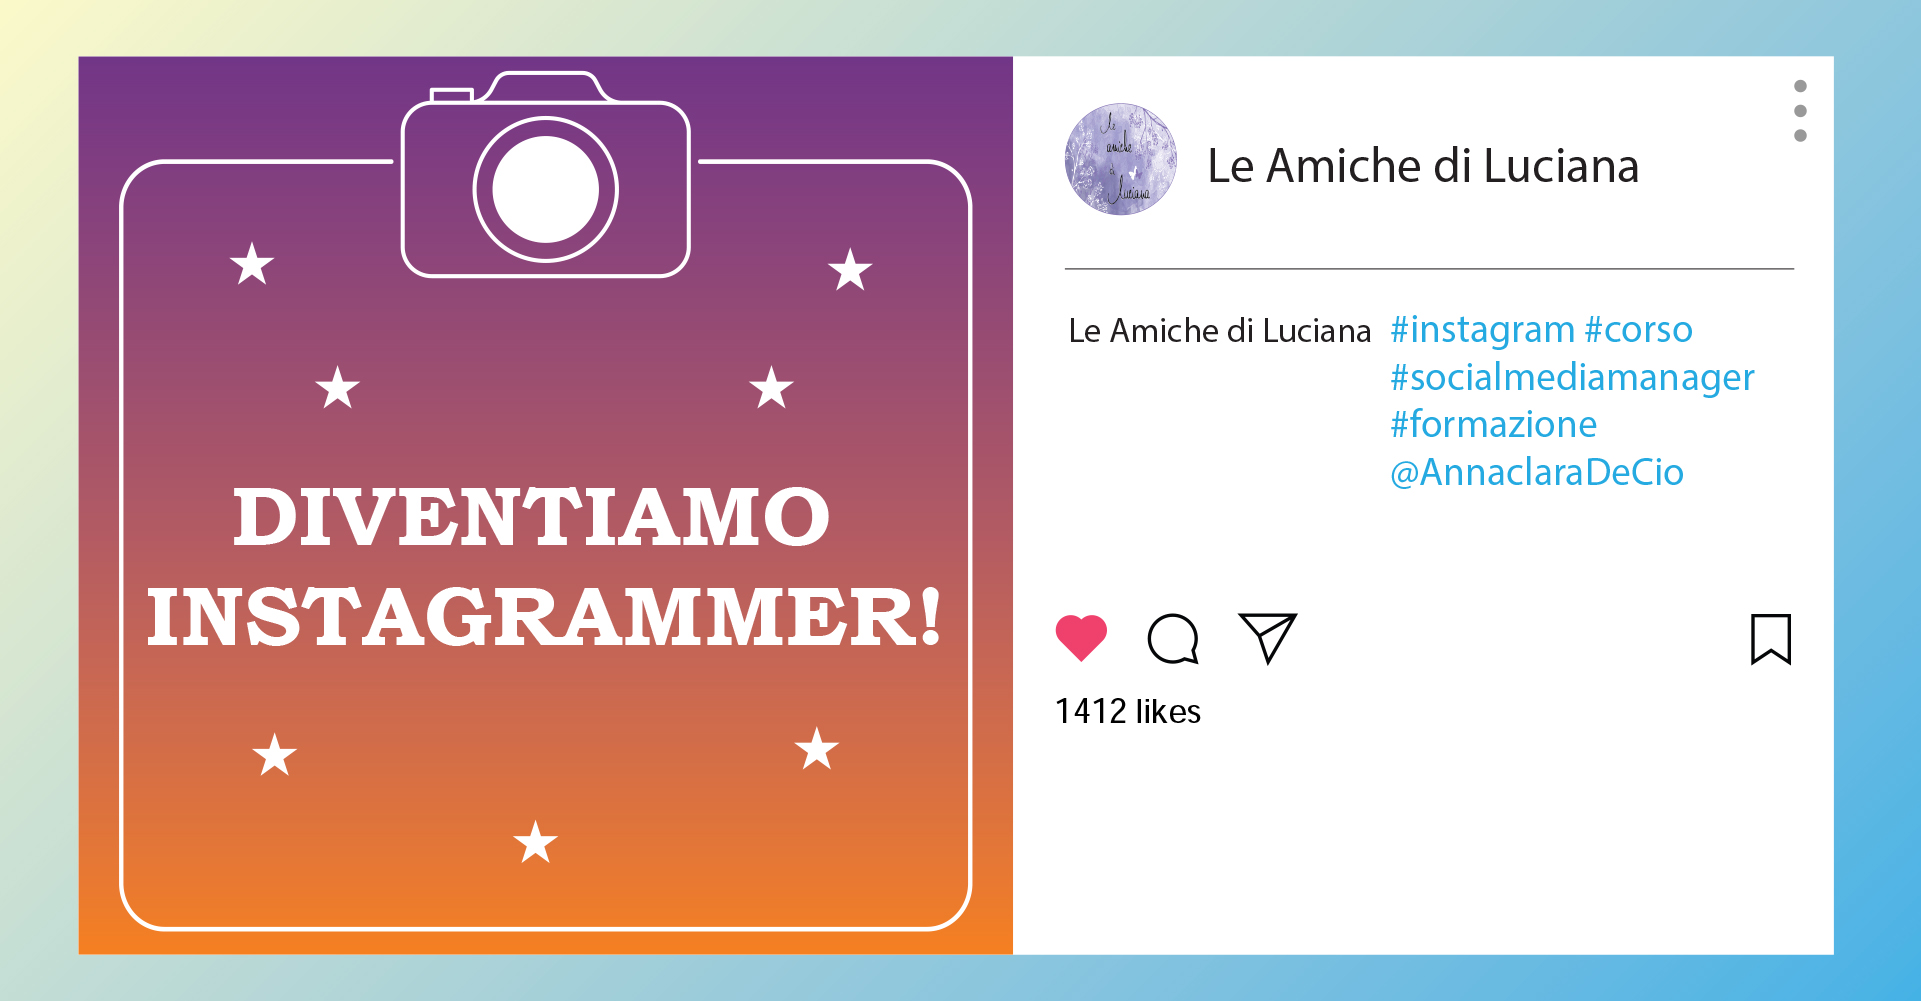 Instagram, vuoi diventare anche tu un instagrammer?